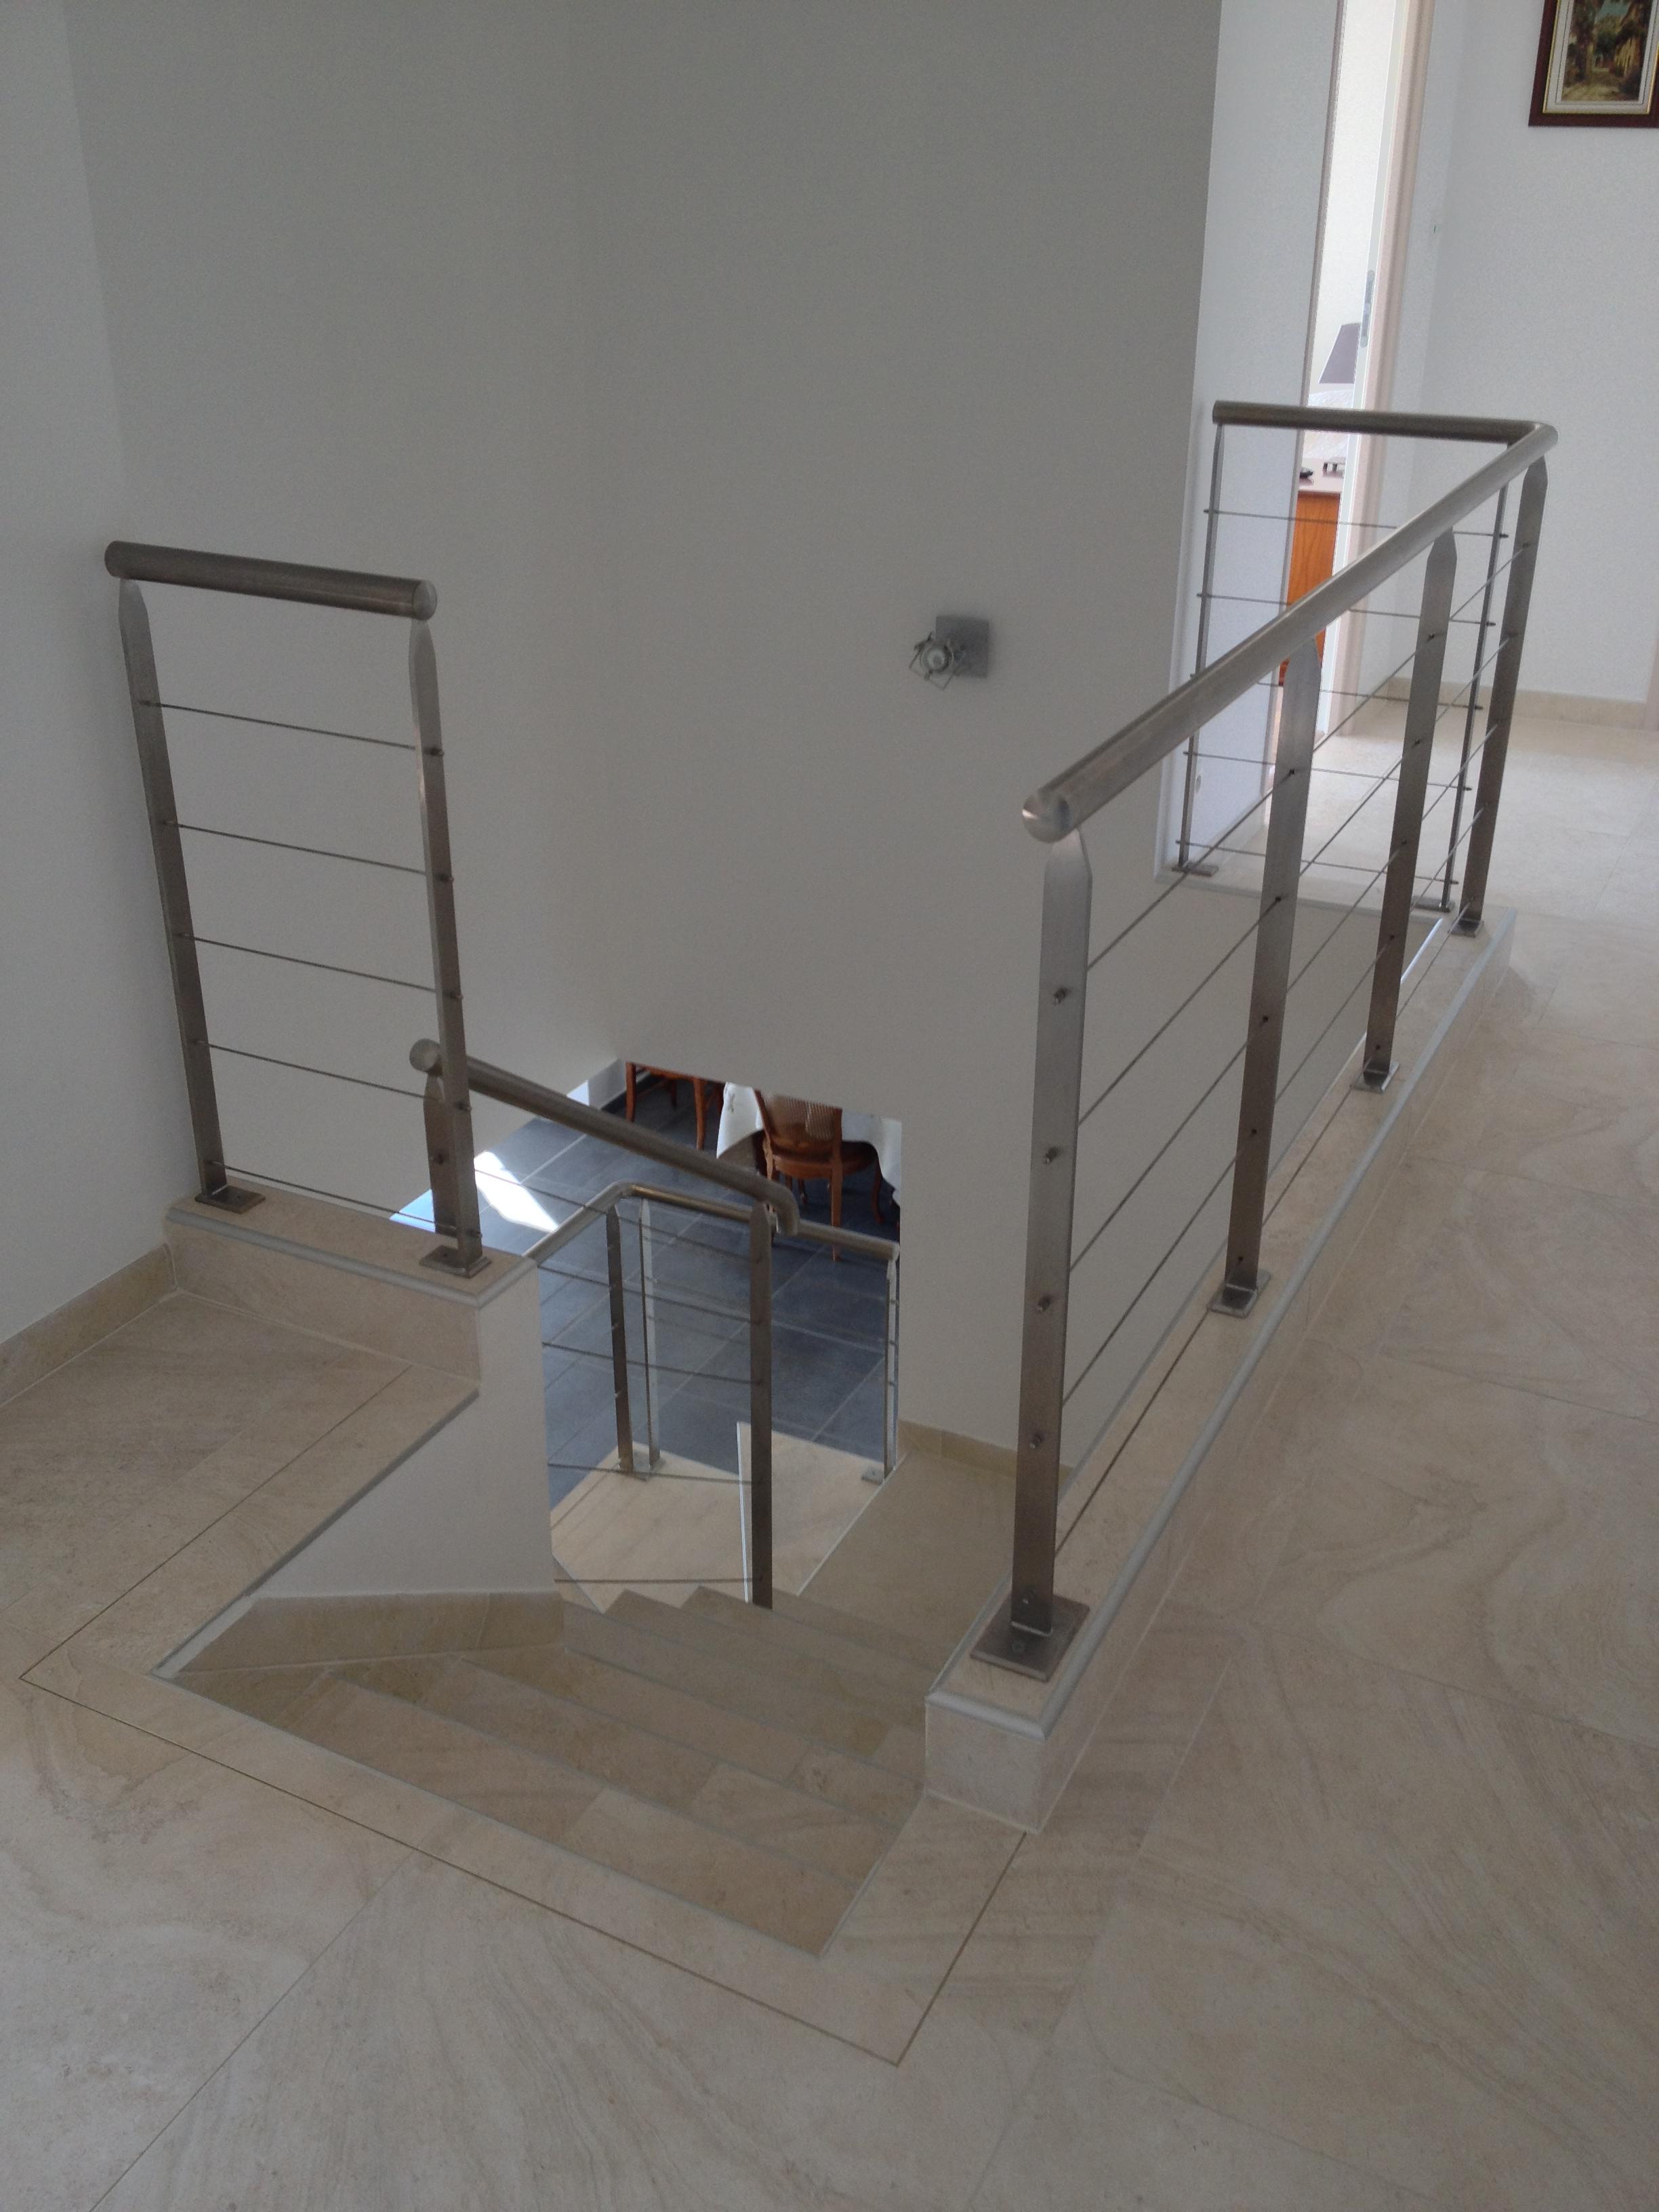 garde corps m tal entreprise guillot serrurier. Black Bedroom Furniture Sets. Home Design Ideas